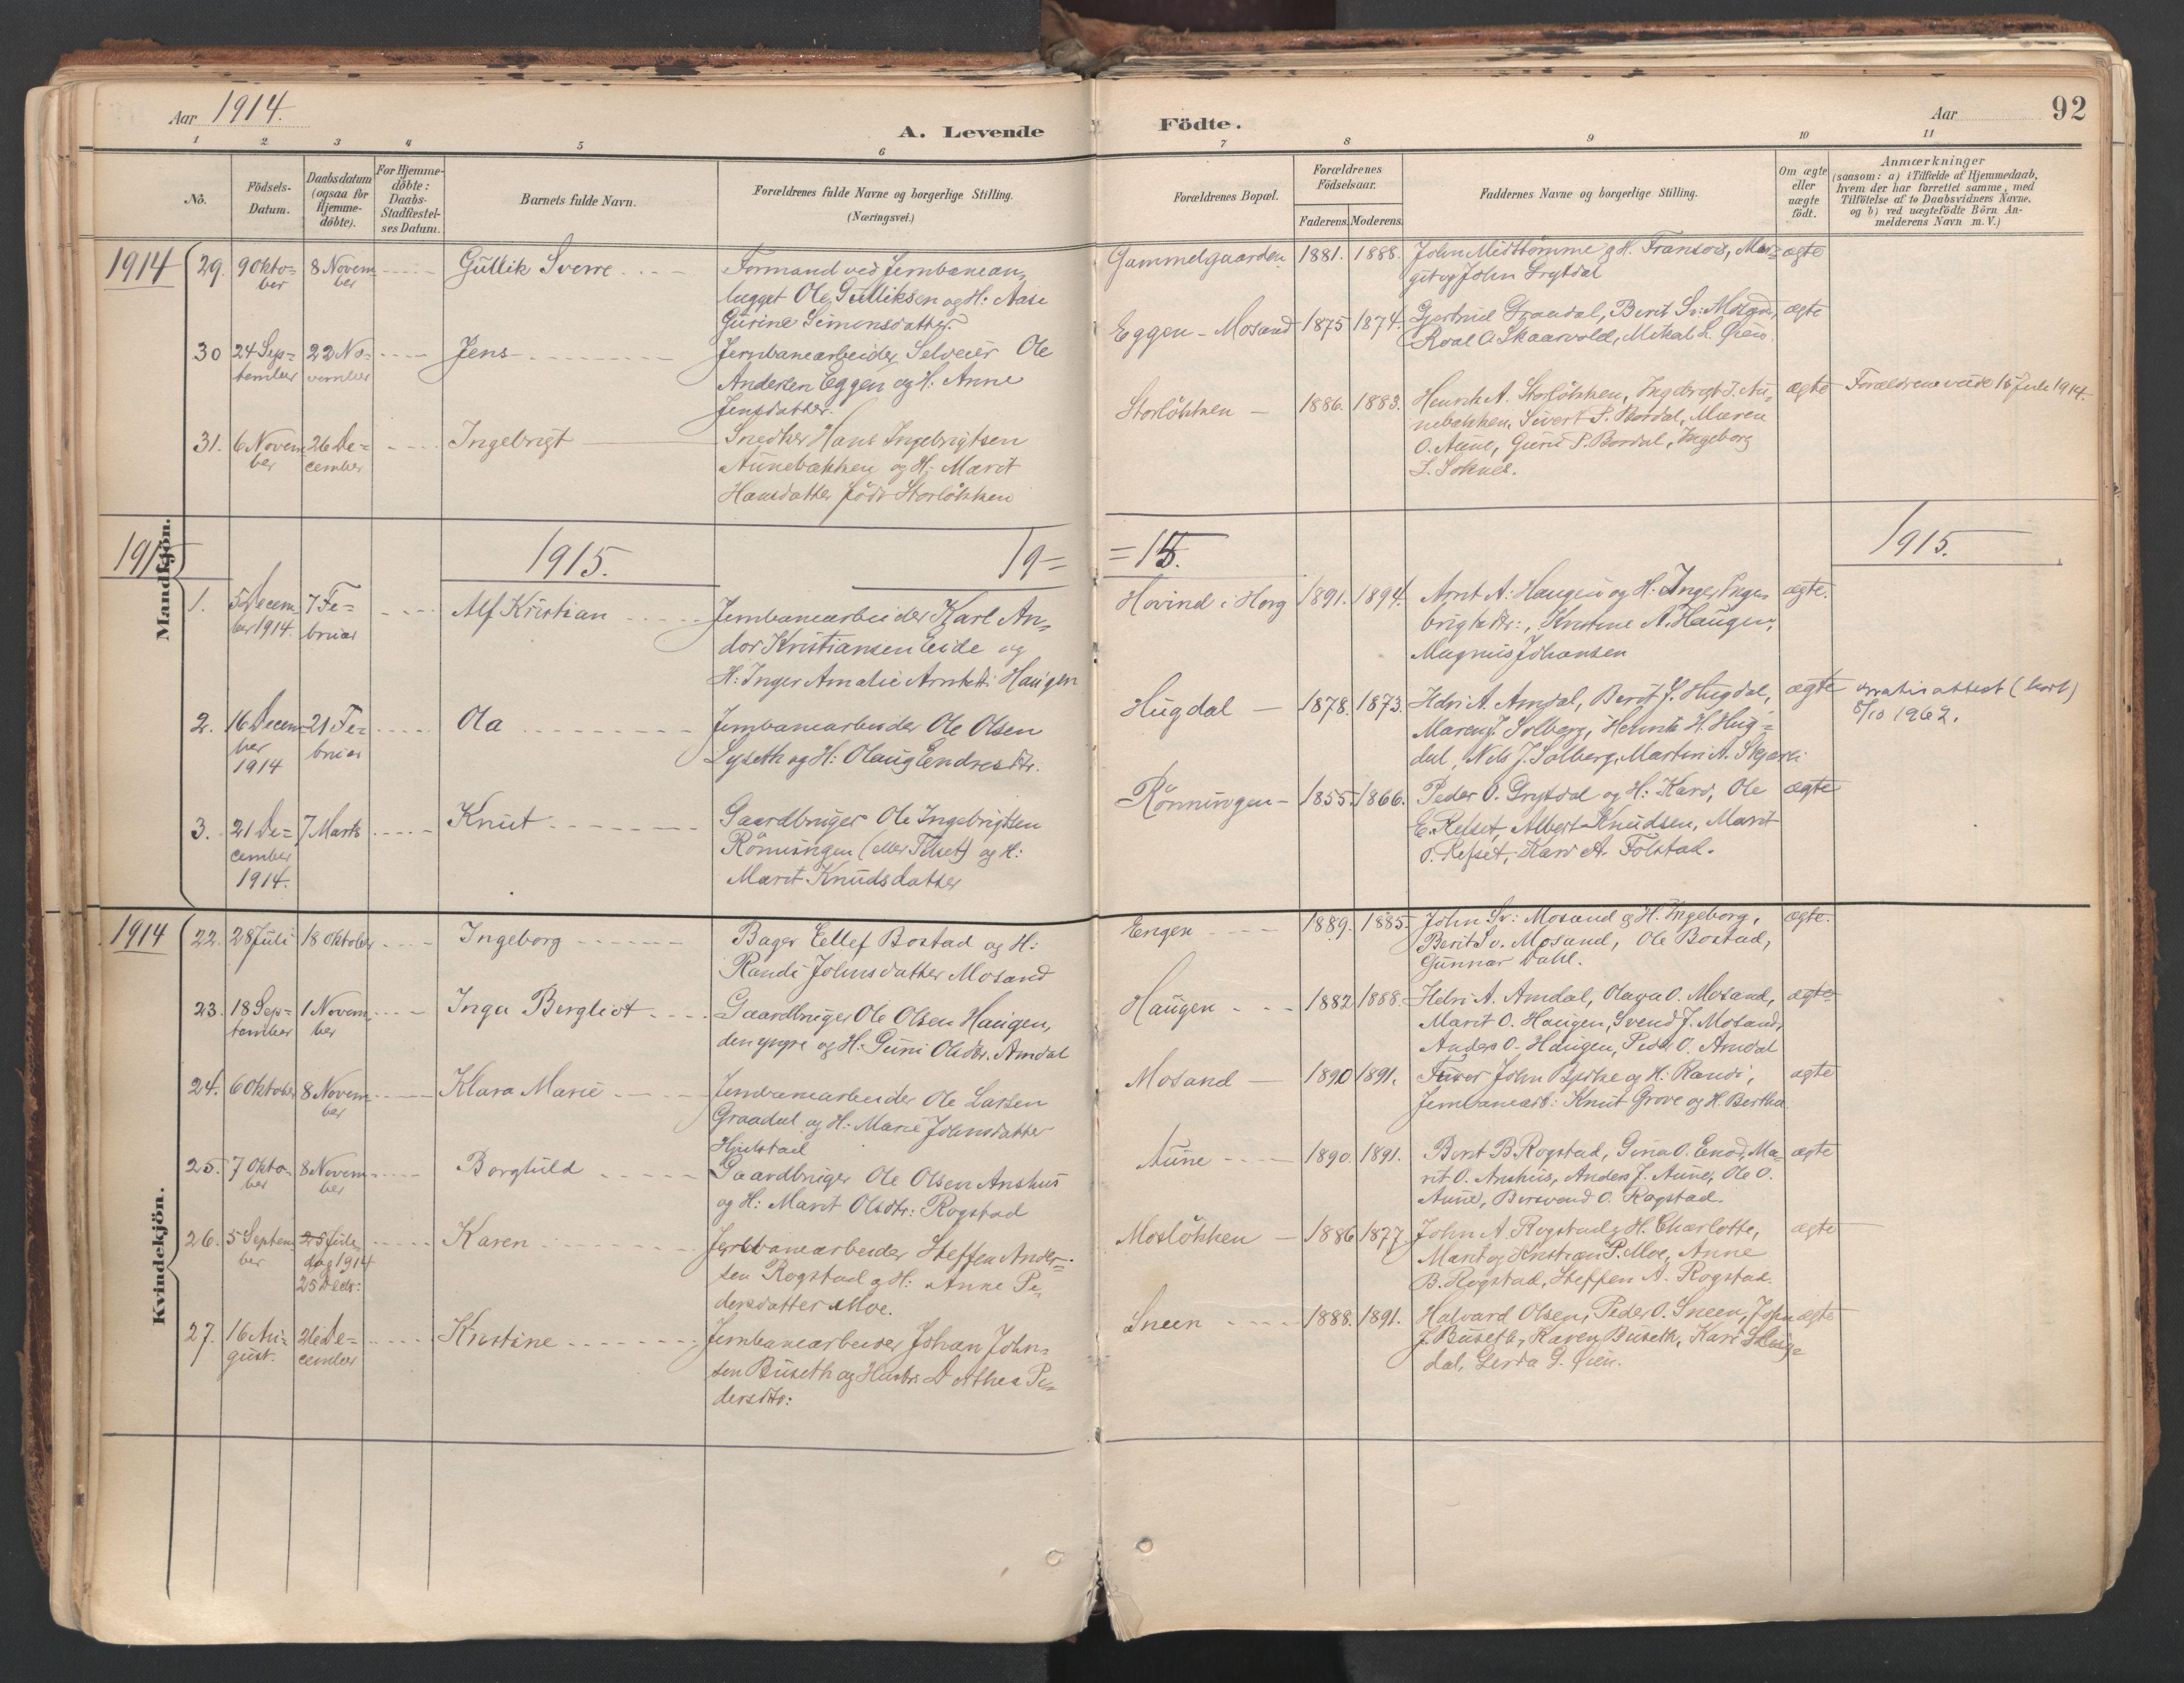 SAT, Ministerialprotokoller, klokkerbøker og fødselsregistre - Sør-Trøndelag, 687/L1004: Ministerialbok nr. 687A10, 1891-1923, s. 92